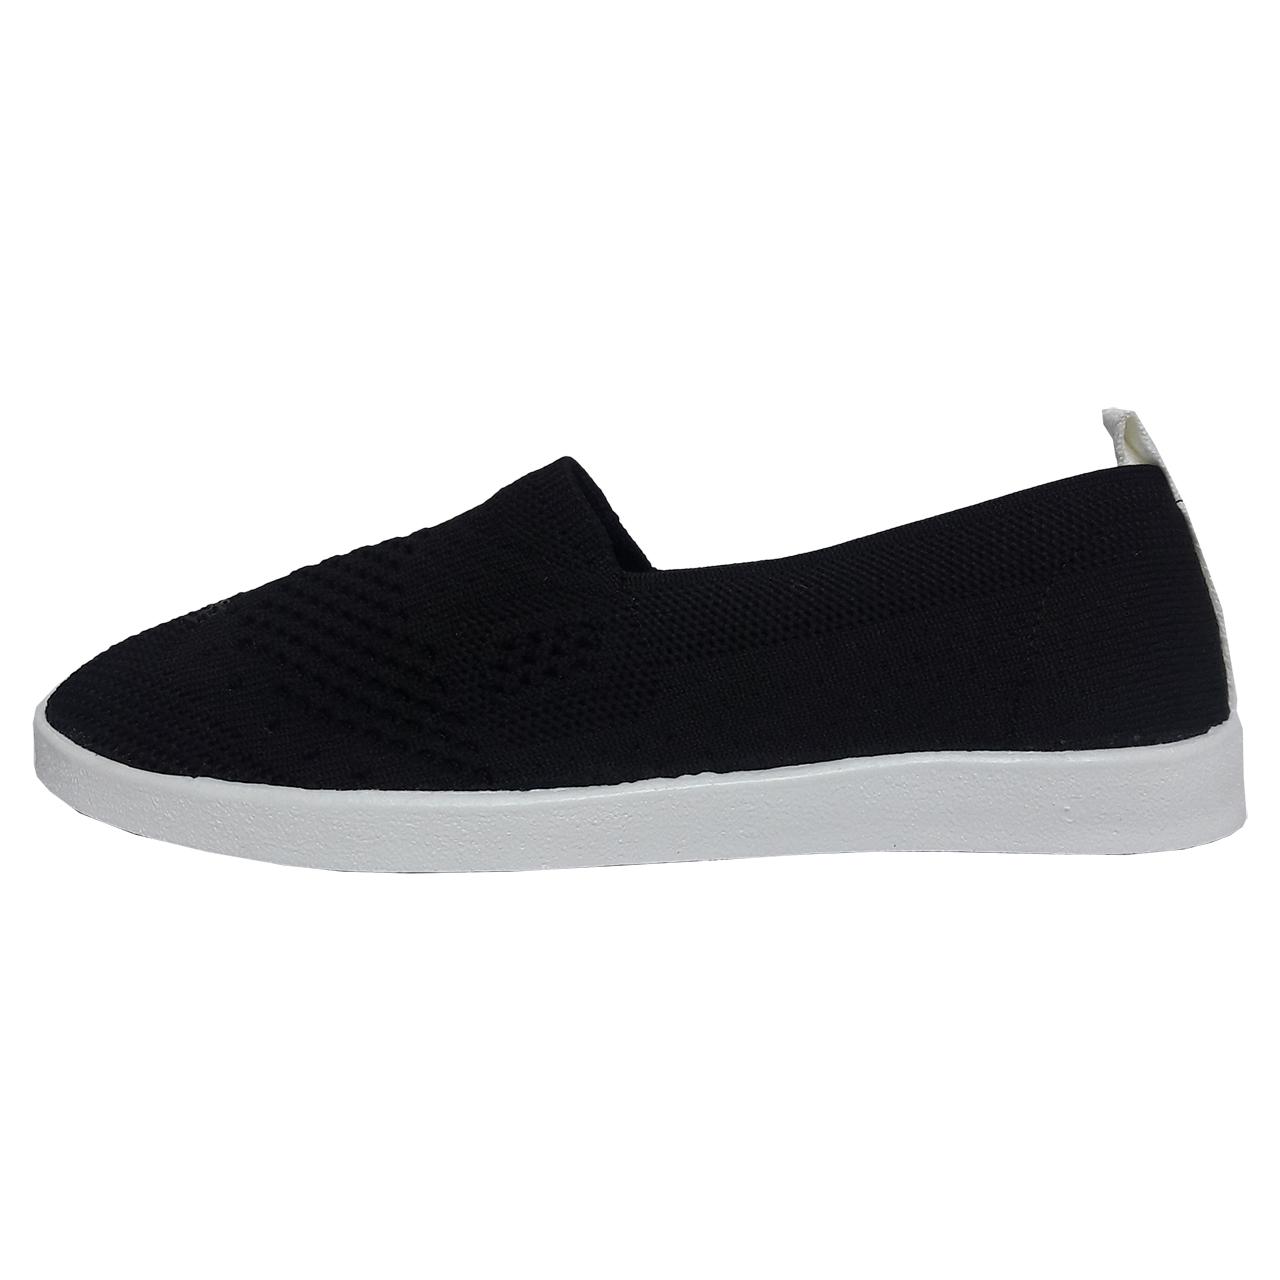 خرید کفش راحتی ورزشی زنانه لاماسو مدل Bft bl01